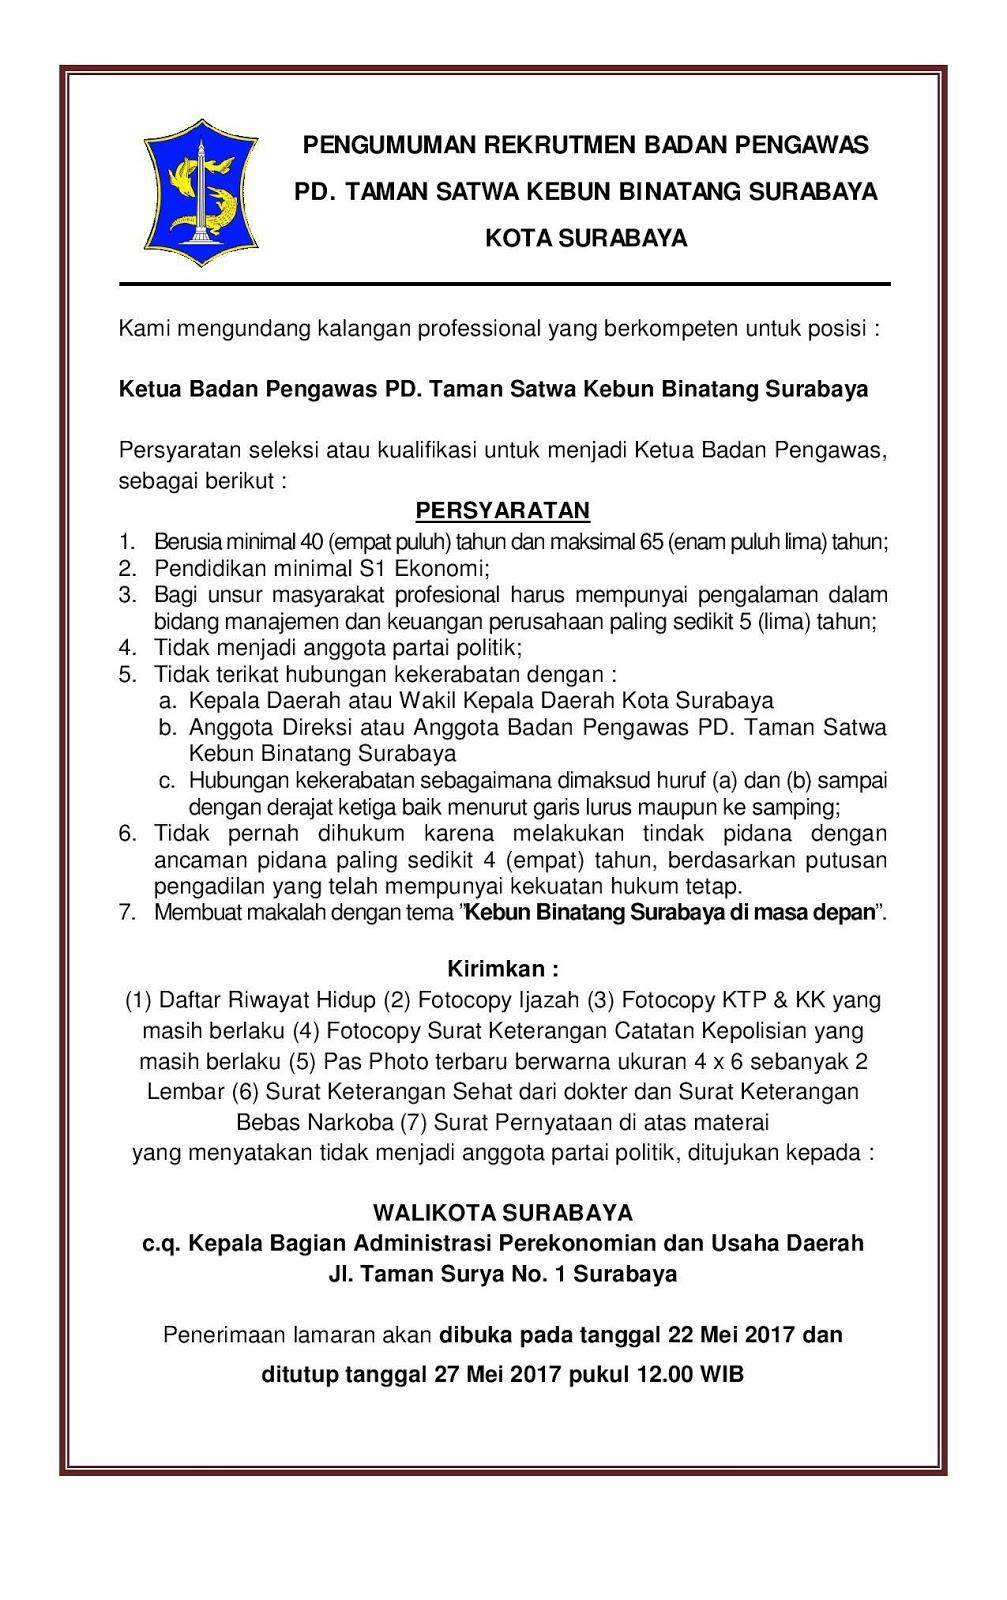 Contoh Surat Lamaran Kerja Ke Walikota